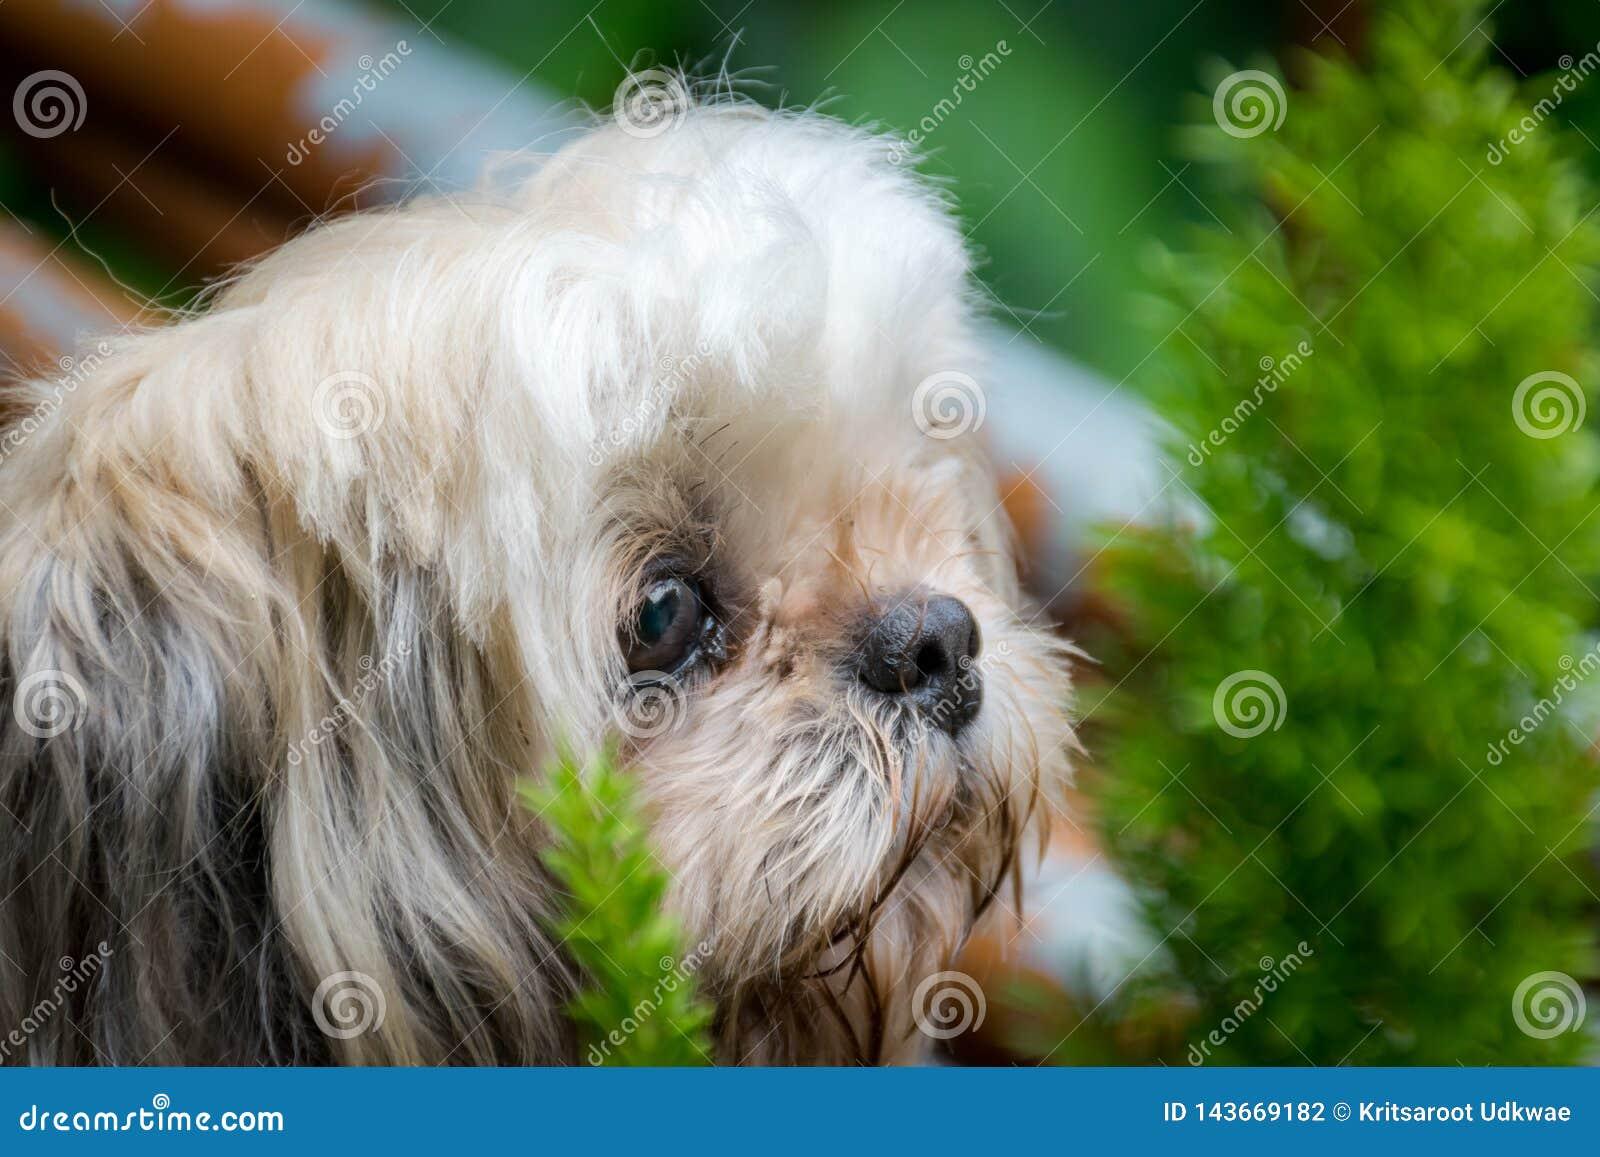 Shih-Tzu pies z małym drzewem w tle